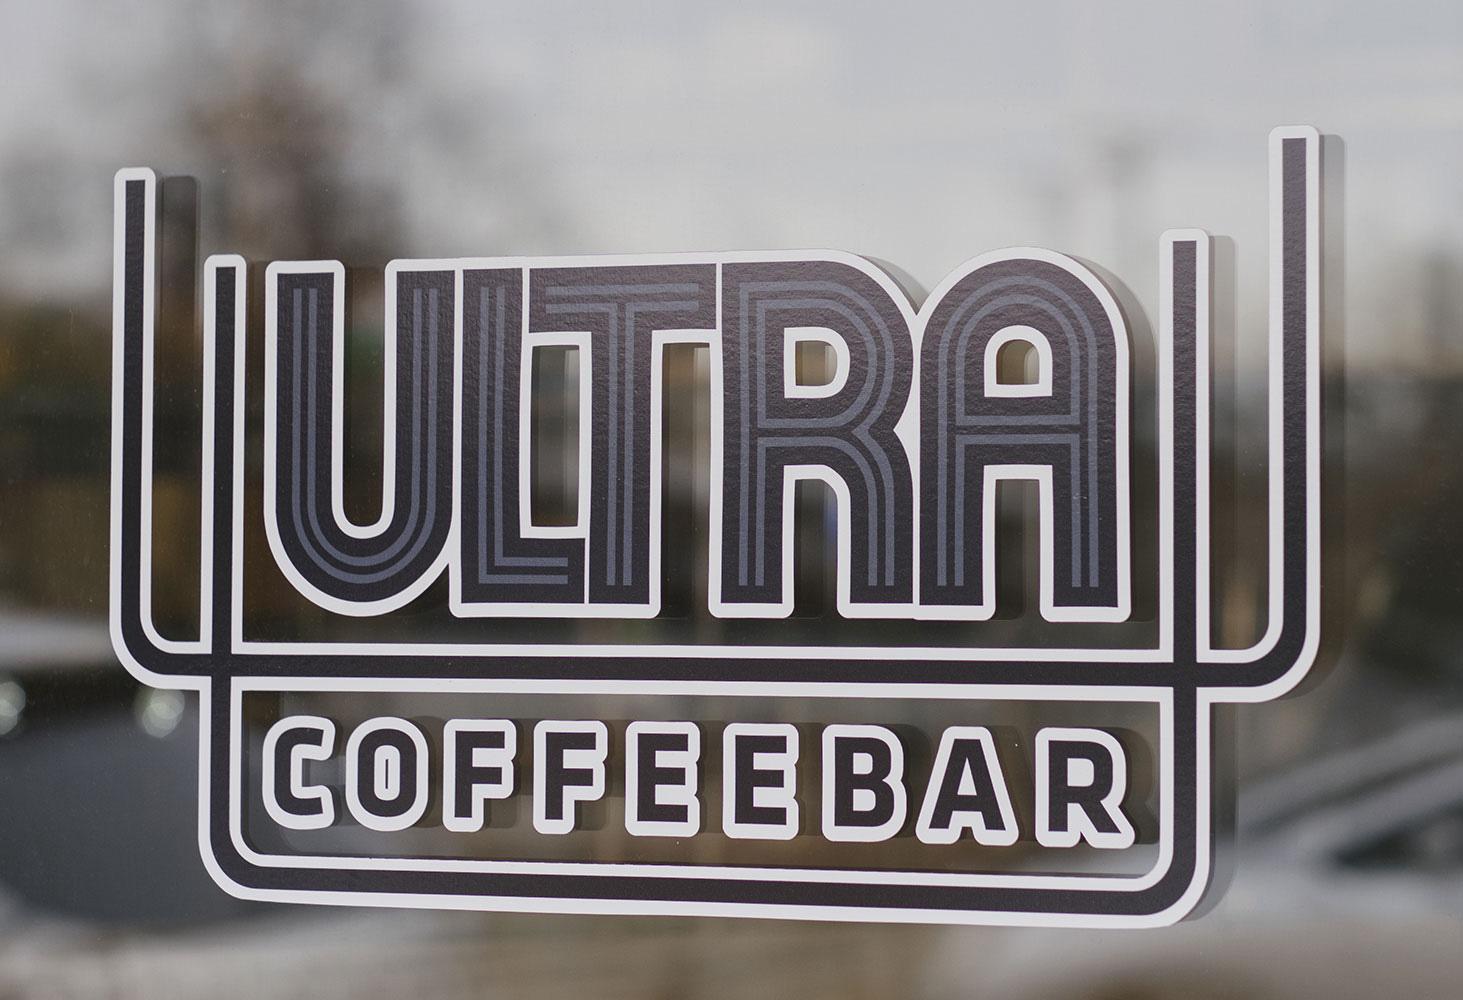 Ultra Coffeebar Asheville NC(5)